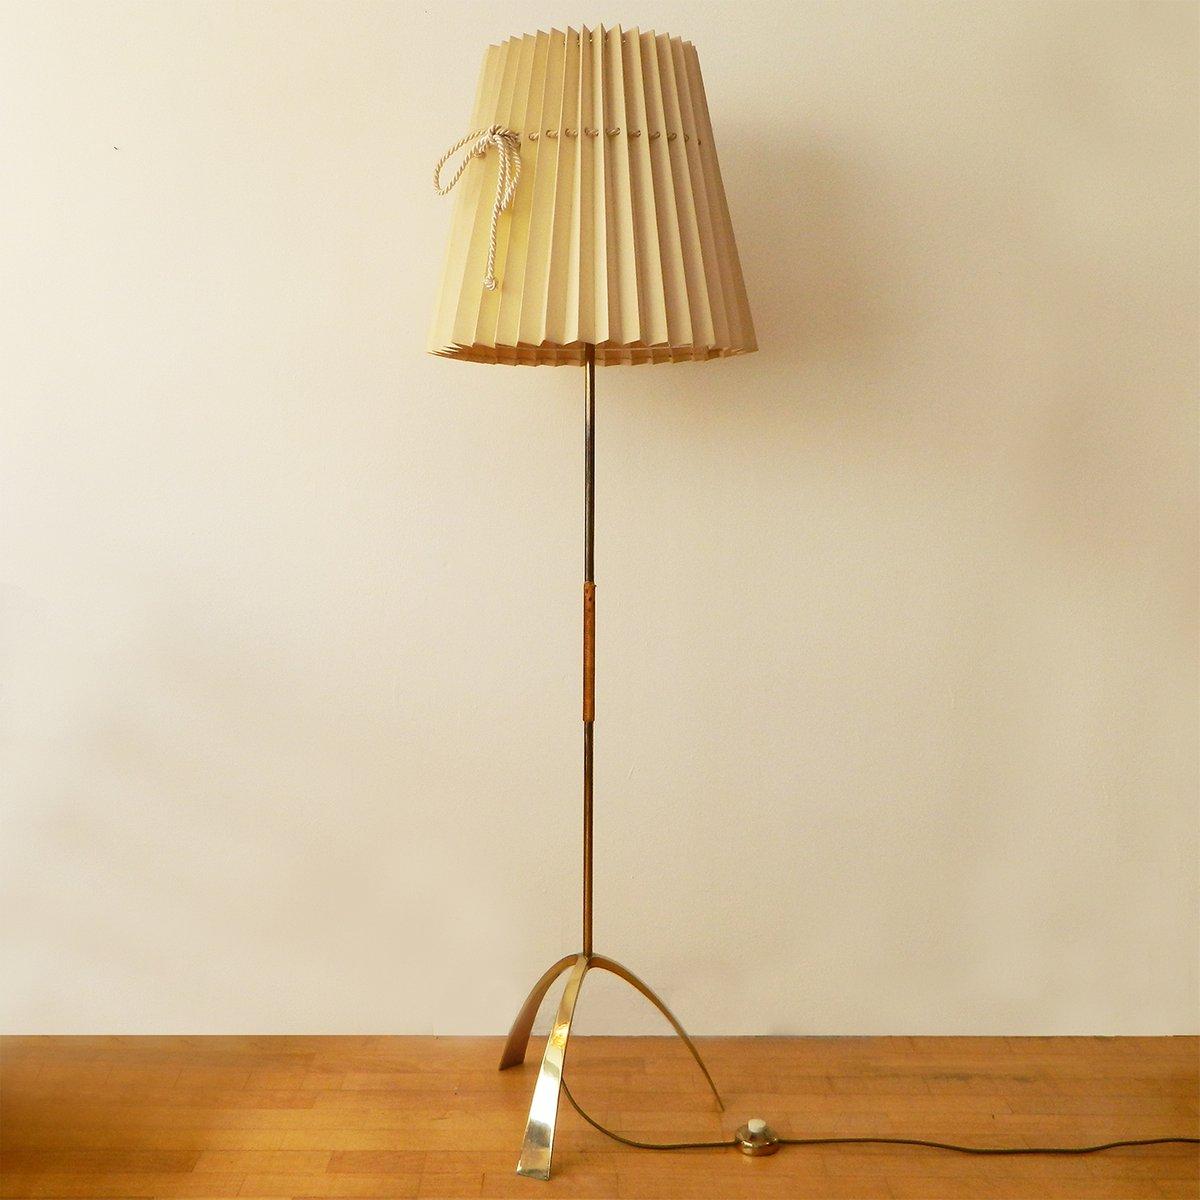 Vintage Modell 2105 Silone Stehlampe von Kalmar